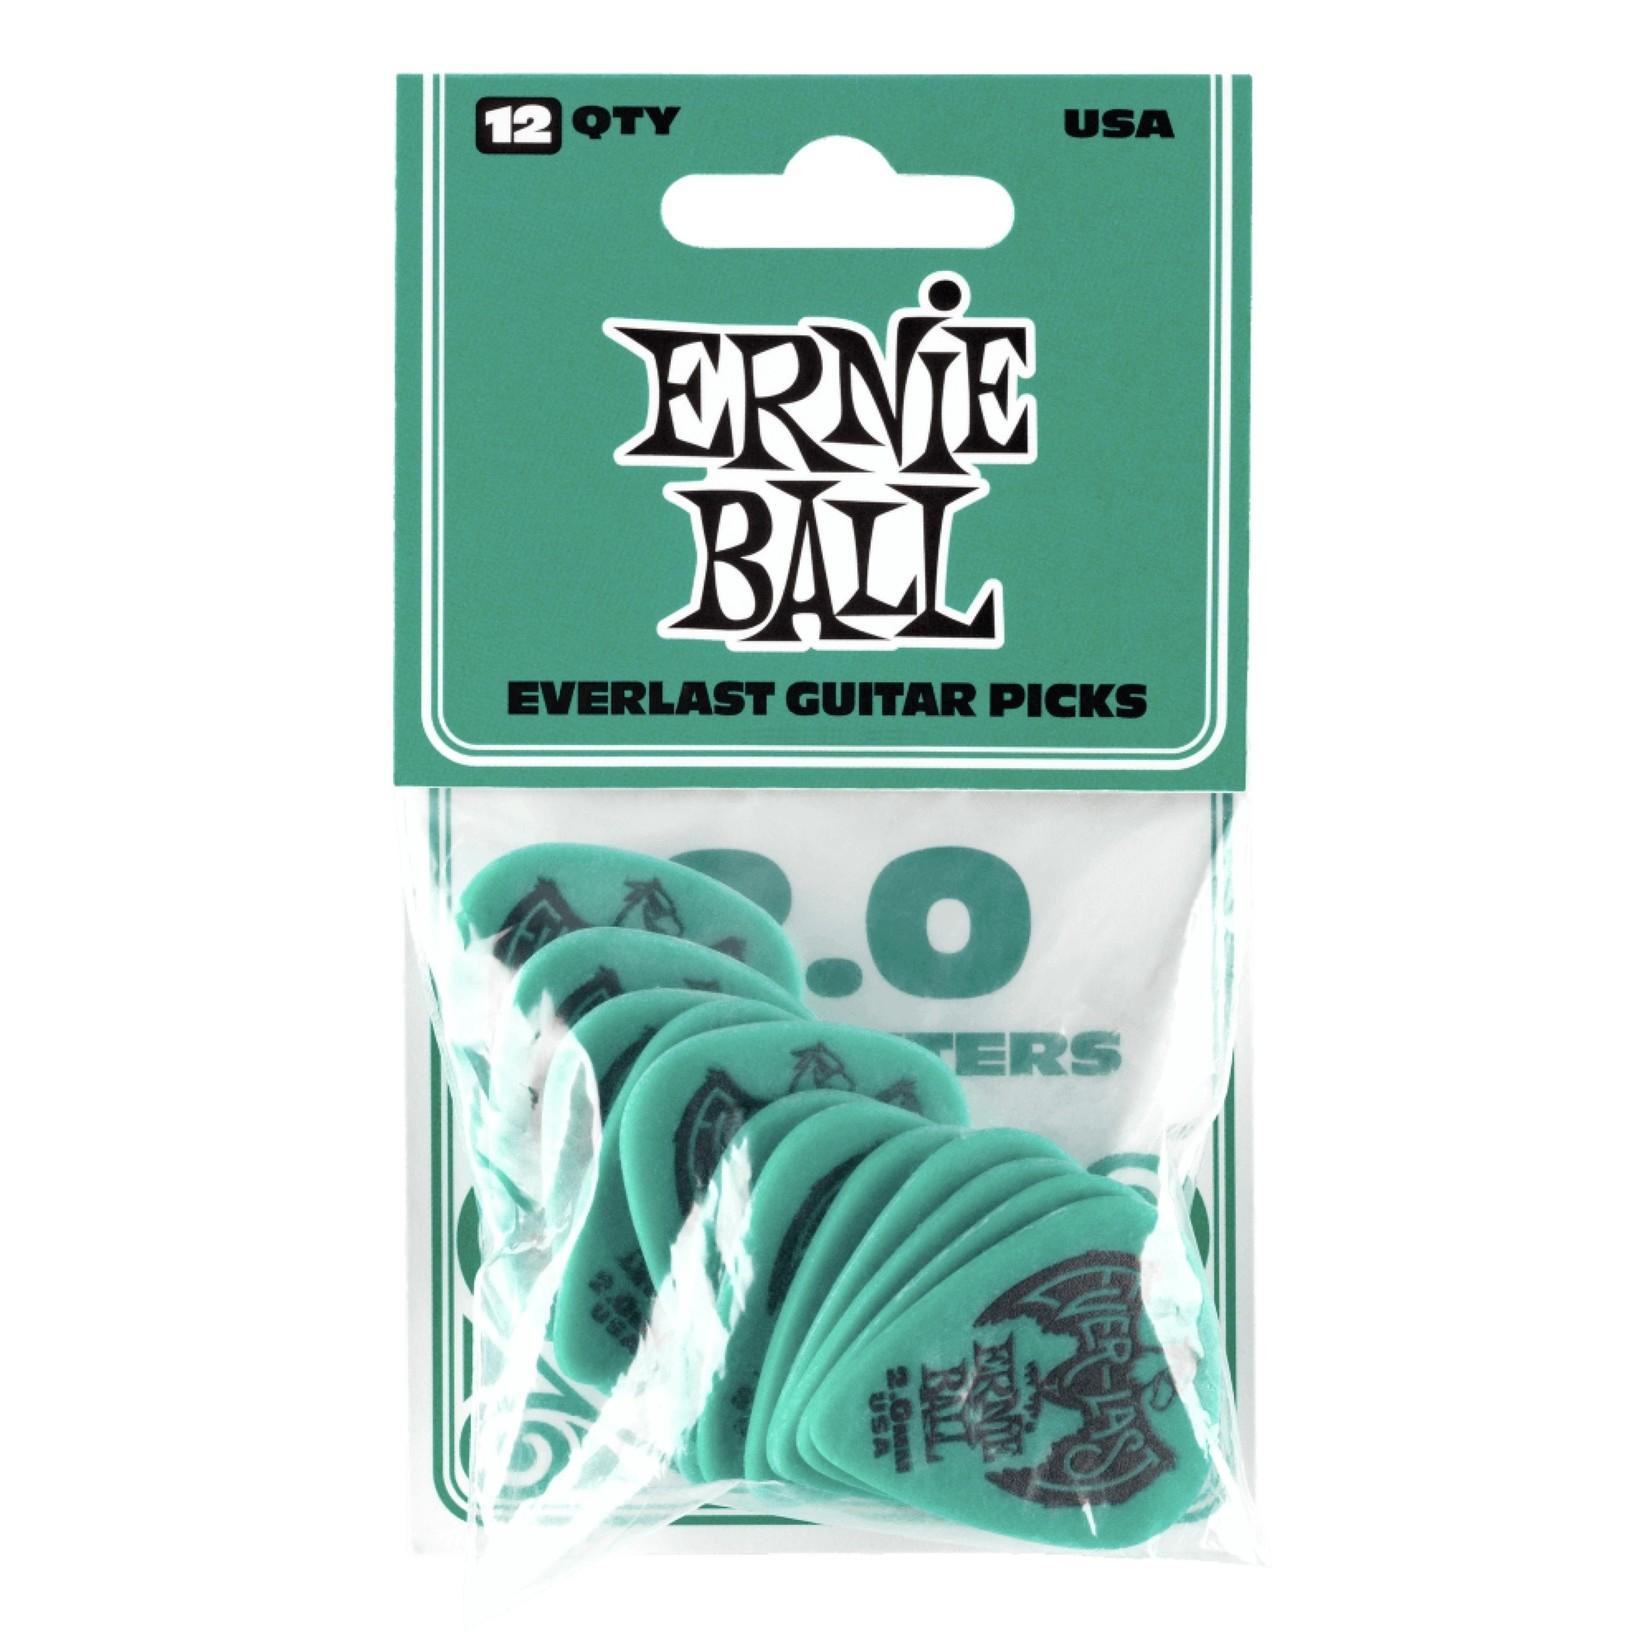 Ernie Ball Ernie Ball 2.0mm Teal Everlast Picks 12-pack (P09196)